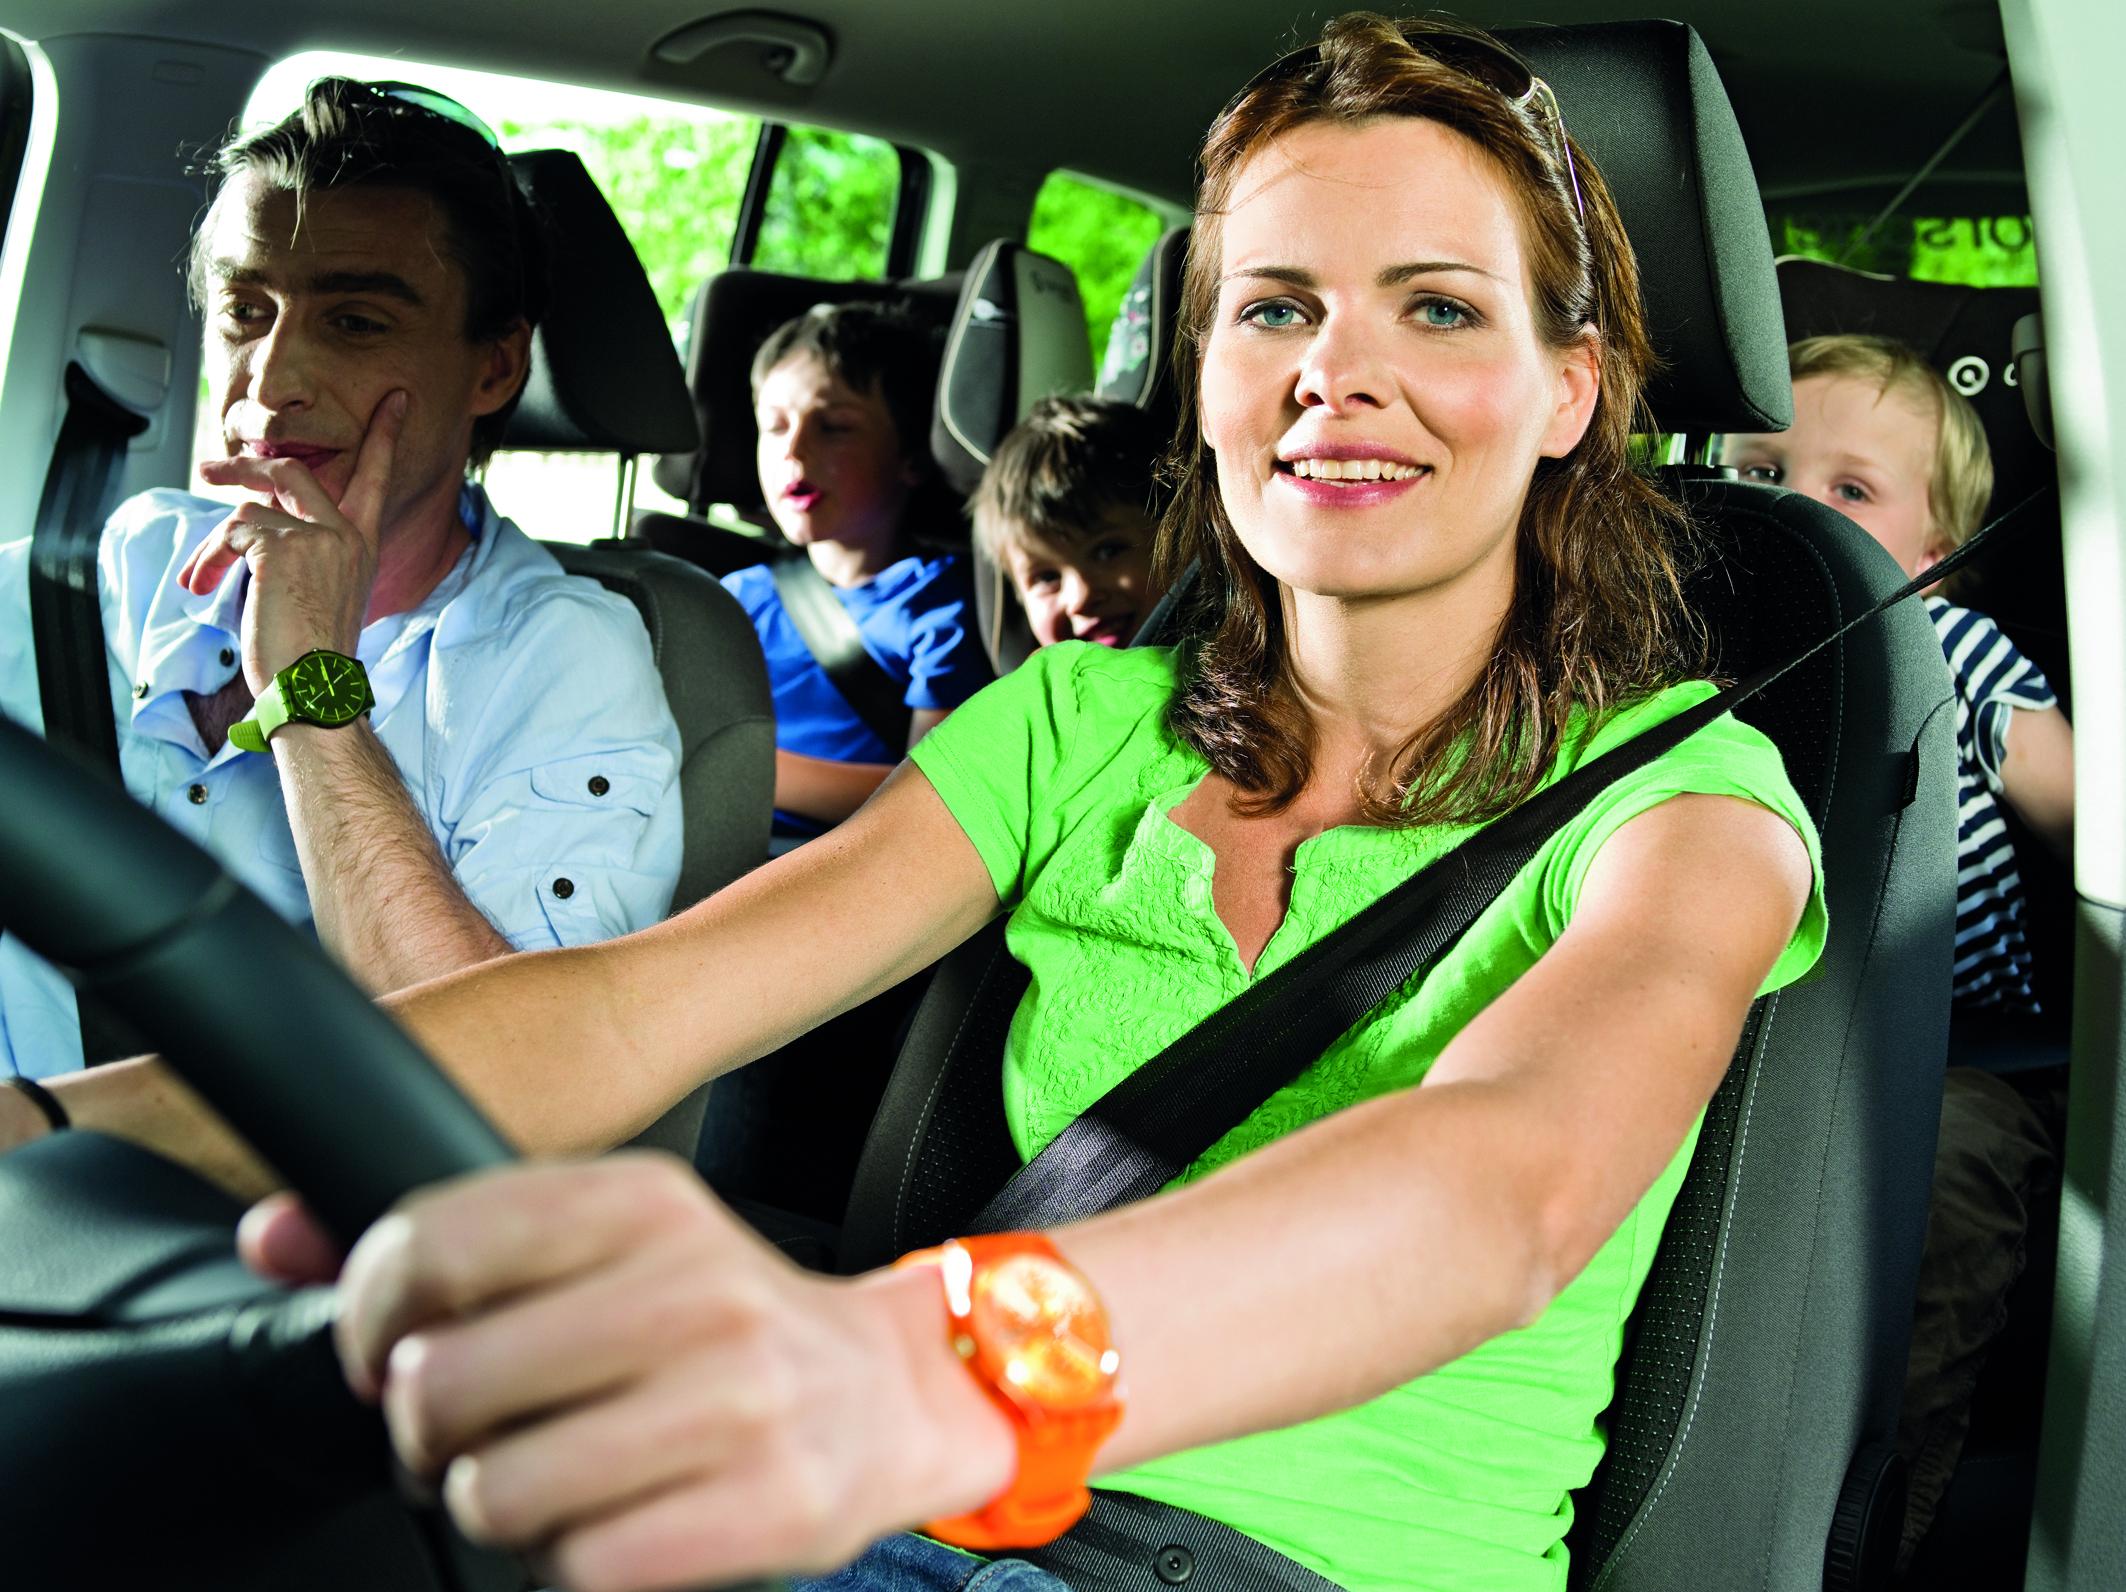 Žena sjedi u svijetlozelenoj majici na vozačevom mjestu, svezana sigurnosnim pojasem, drži volan, a iza nje izviruju dječak i djevojčica.